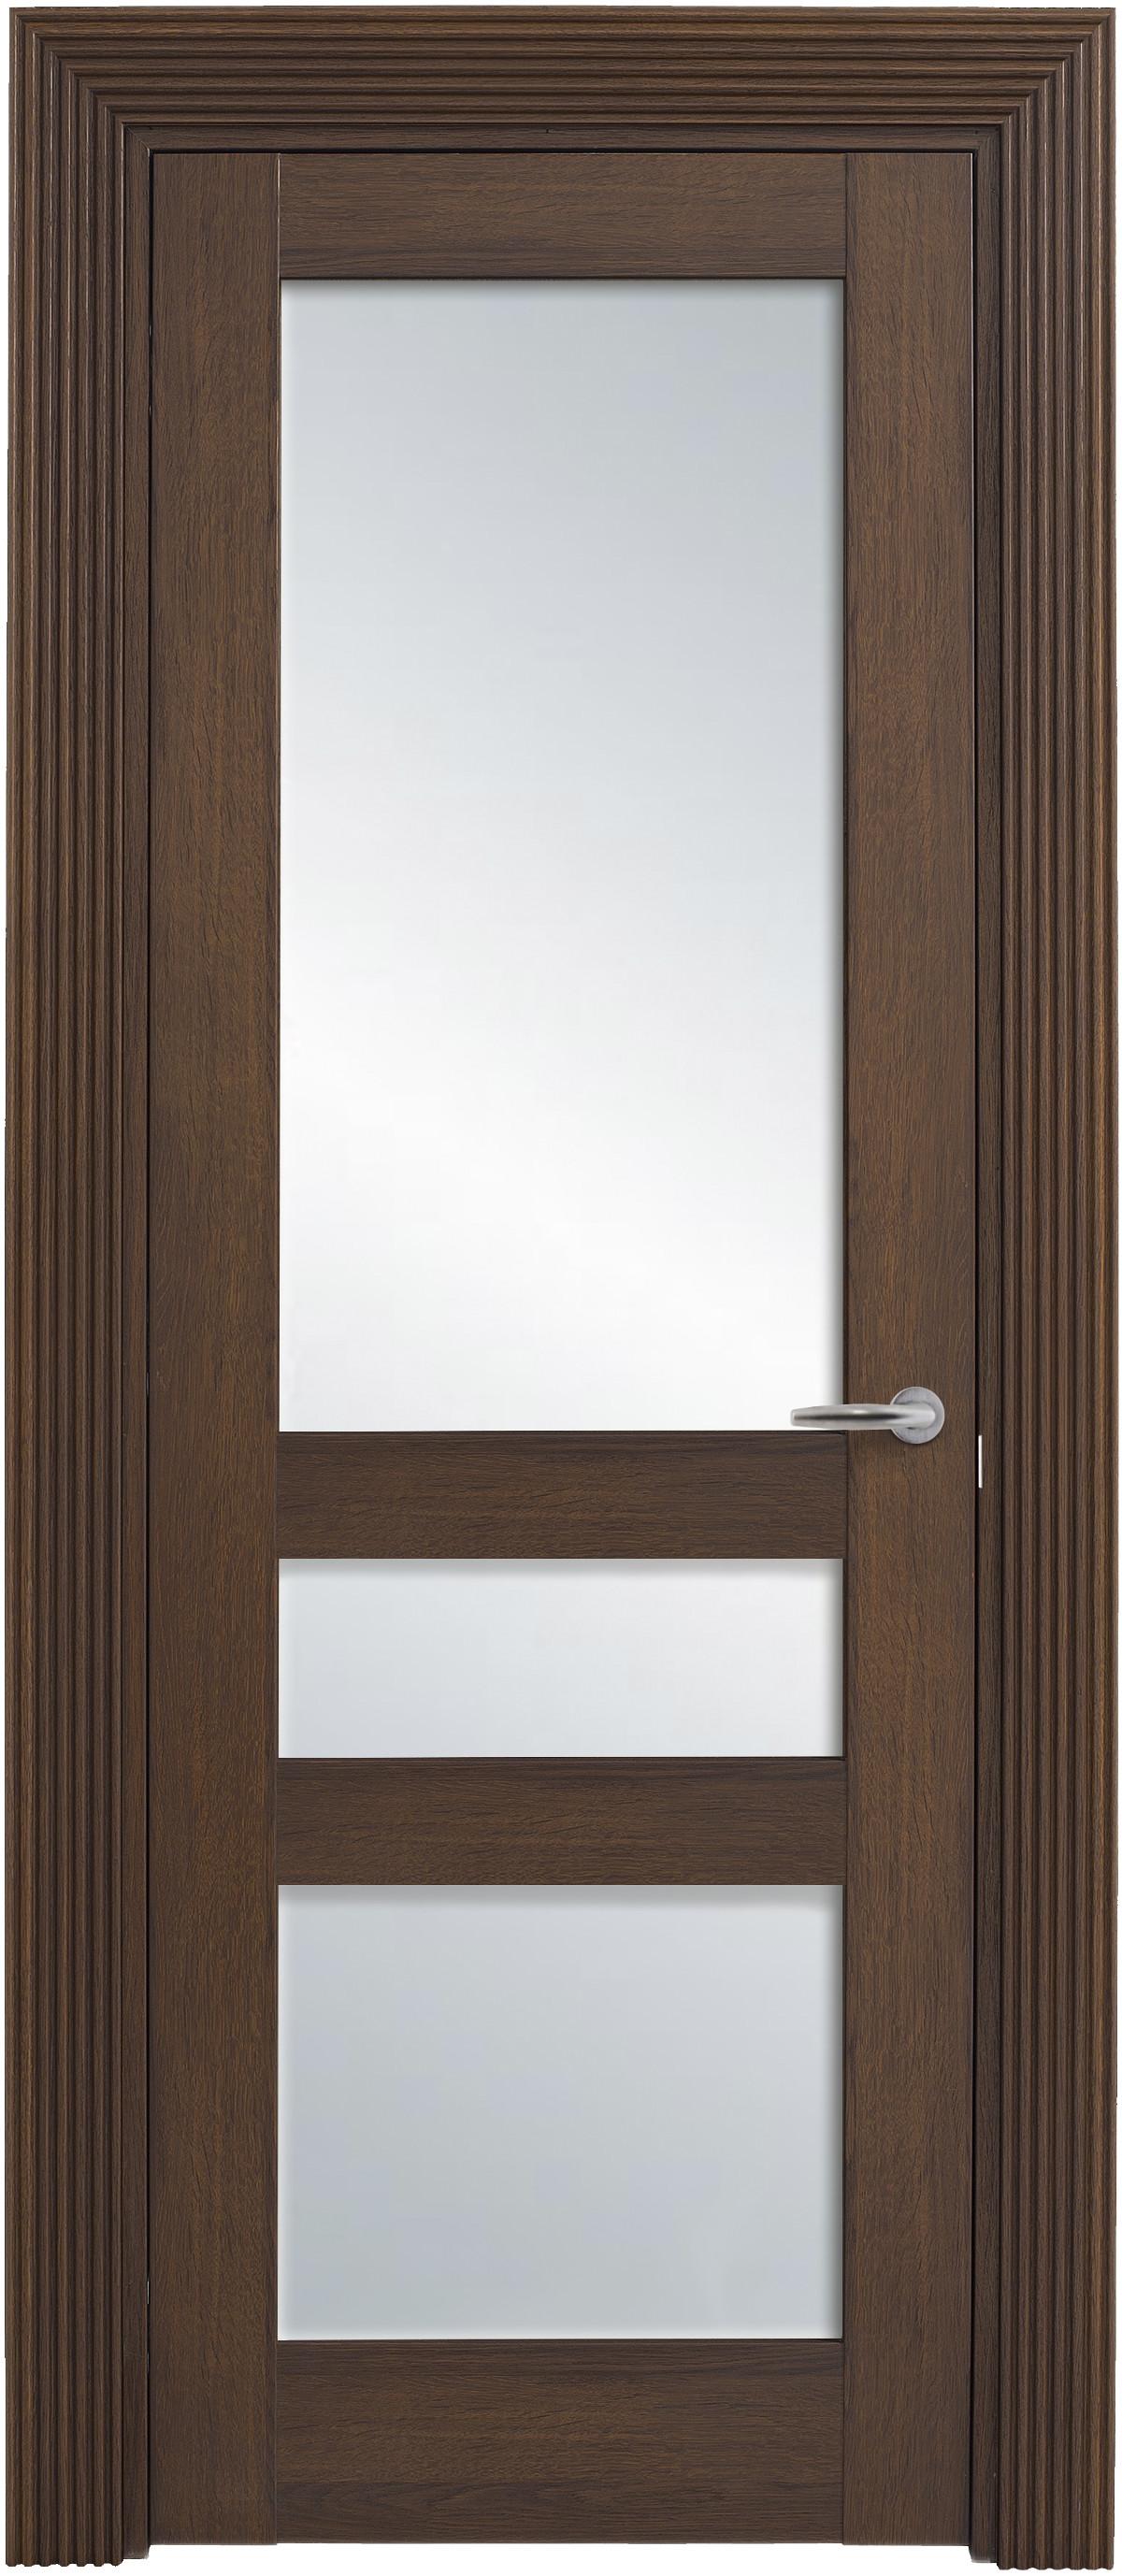 Межкомнатная / входная дверь, отделка: экошпон ГРЕЧЕСКИЙ ОРЕХ, Solo Classic 3SnP-2